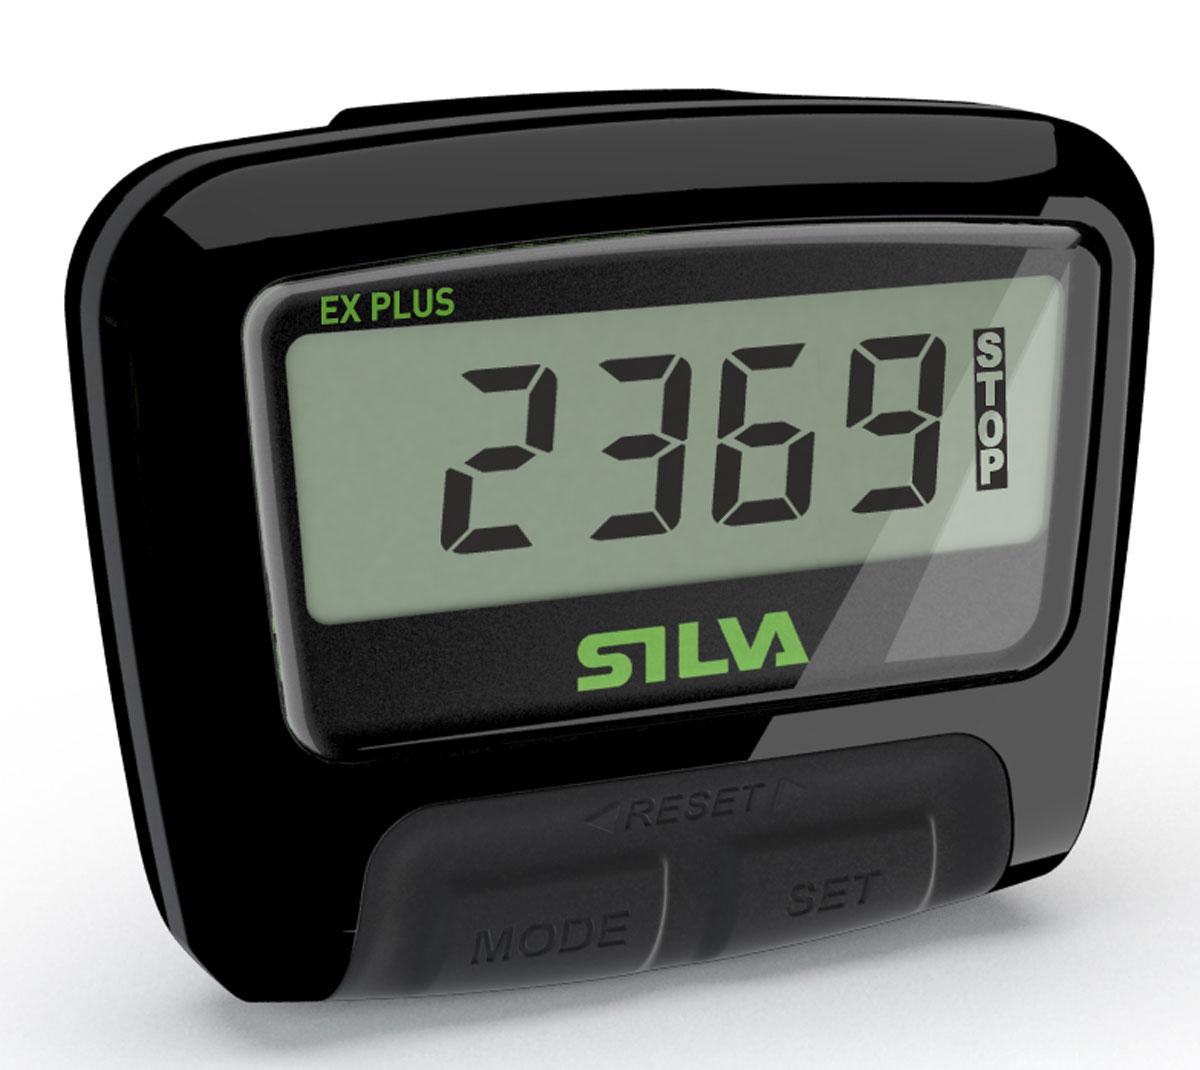 Шагомер Silva Pedometer ex Plus, цвет: черный56054Цифровой шагомер с новым сенсорным датчиком Accumotion для более точного подсчета шагов. Максимальный угол наклона 45 градусов позволяет регистрировать шаги не зависимо от положения тела. Корпус шагомера водонепроницаем. Кнопки размещены таким образом, чтобы предотвращать случайный сброс результатов. Если шагомер не используется, дисплей автоматически переходит в спящий режим для экономии заряда батареи.Функции: счетчик шагов, дистанция, время, расход калорий.